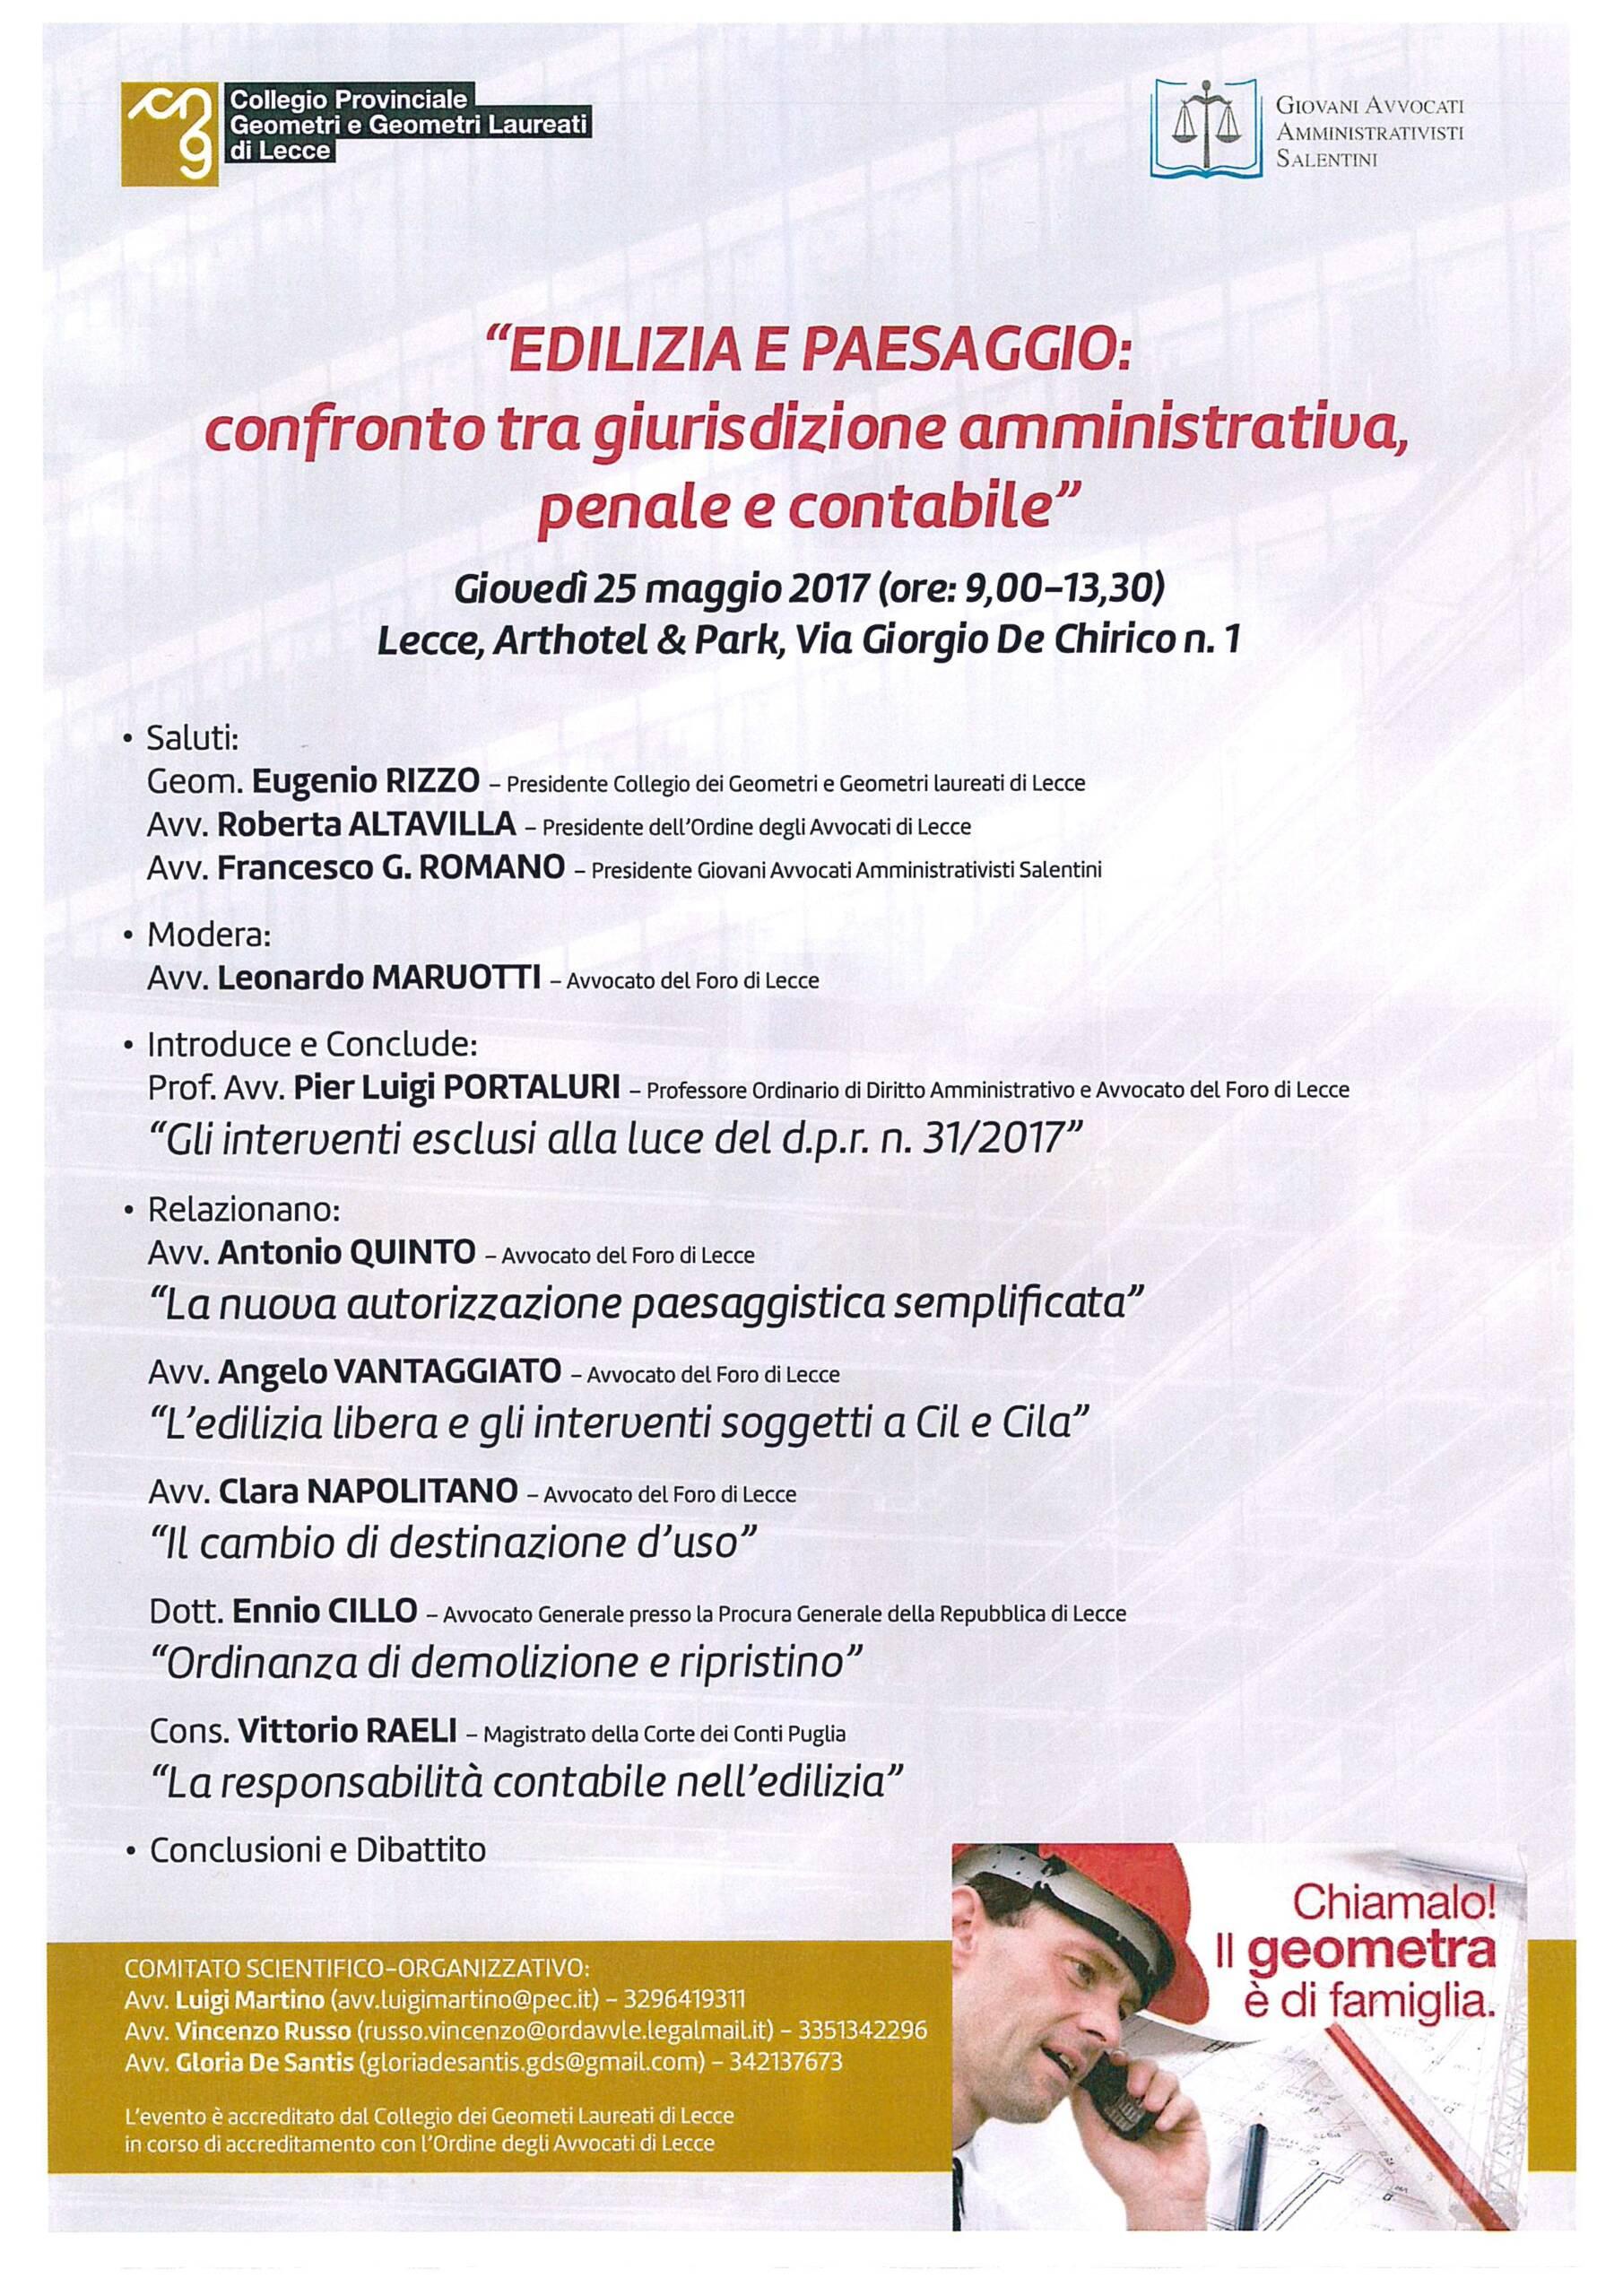 """SAVE THE DATE – Convegno """"EDILIZIA E PAESAGGIO: confronto tra giurisdizione amministrativa, penale e contabile"""" – Lecce 25 maggio 2017"""